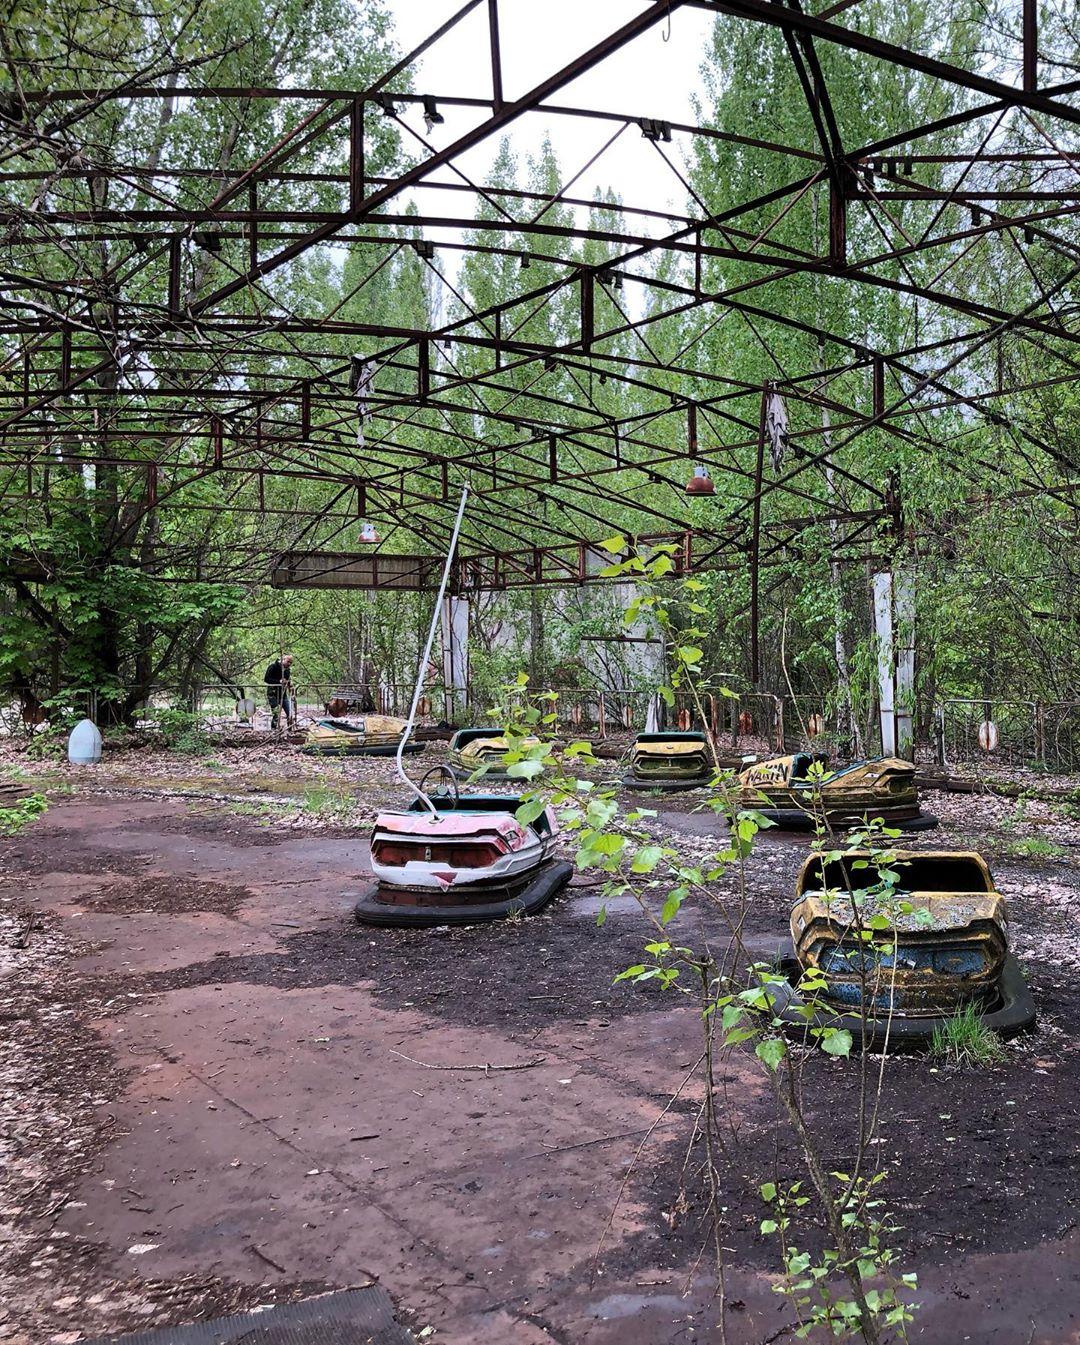 516375-جولات-سياحية--فى-قرية-تشير-نوبل-المليئة-بالإشعاع--(3)